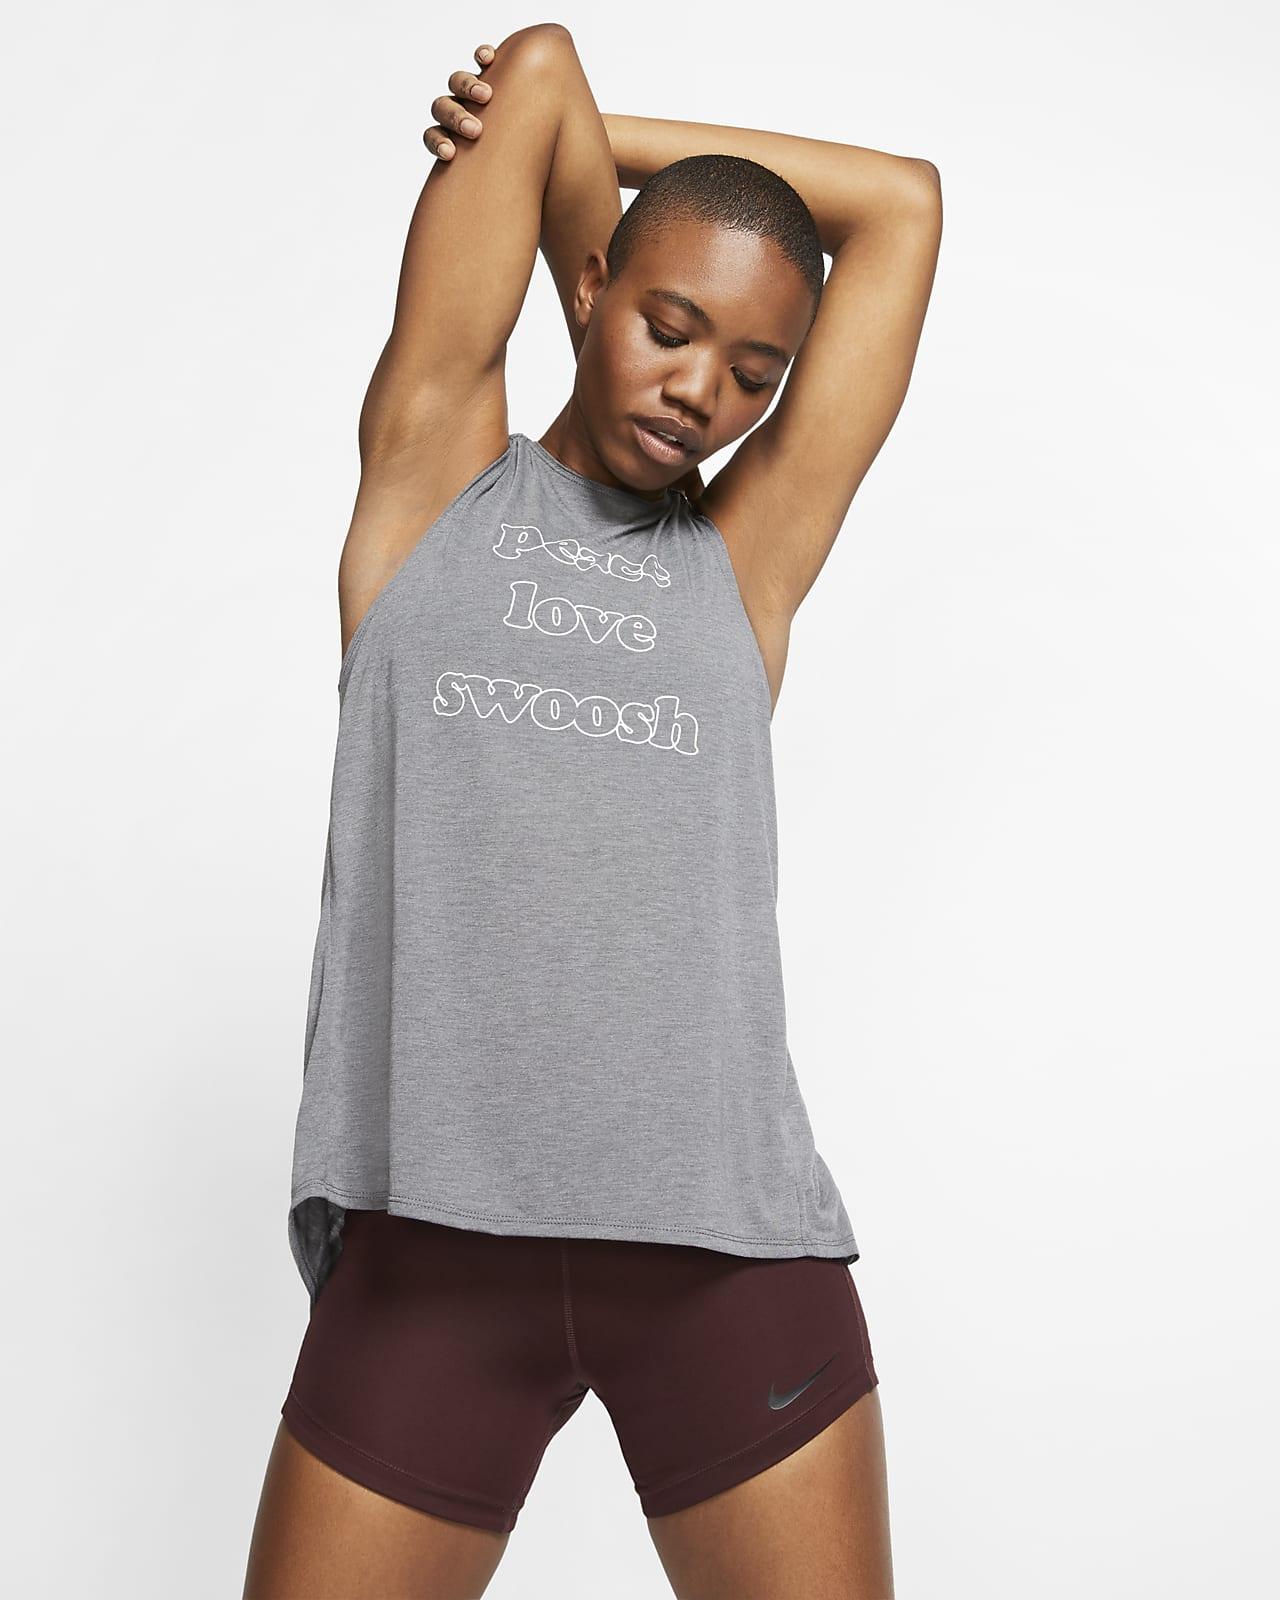 เสื้อกล้ามเทรนนิ่งผู้หญิง Nike